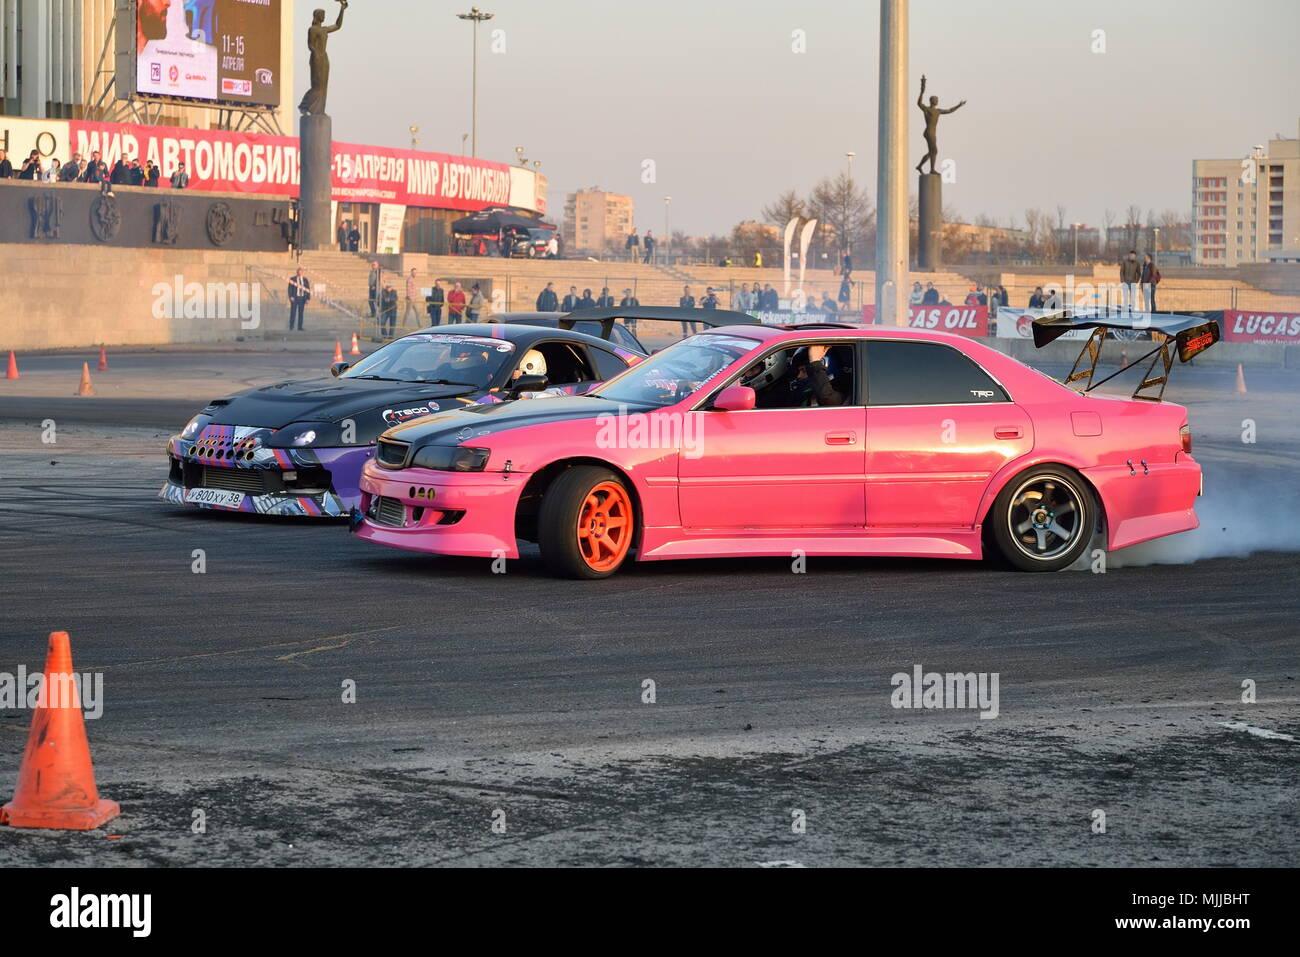 Rosa auto racing concorrenti sulla via T800 con un auto vicino alla Immagini Stock